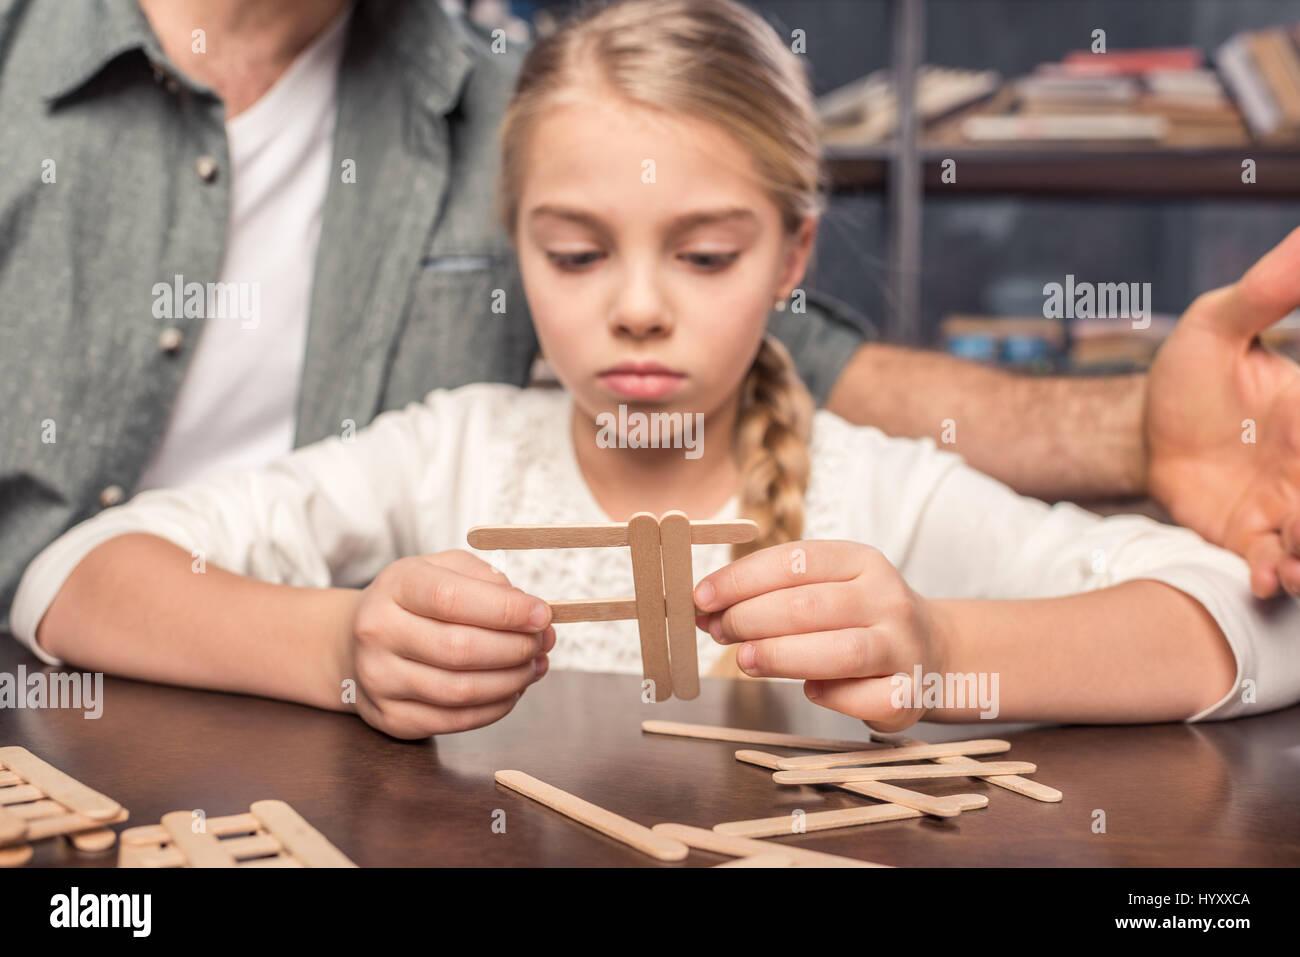 Kleines Mädchen mit Eis-Sticks Kalligraphieren konzentriert Stockbild